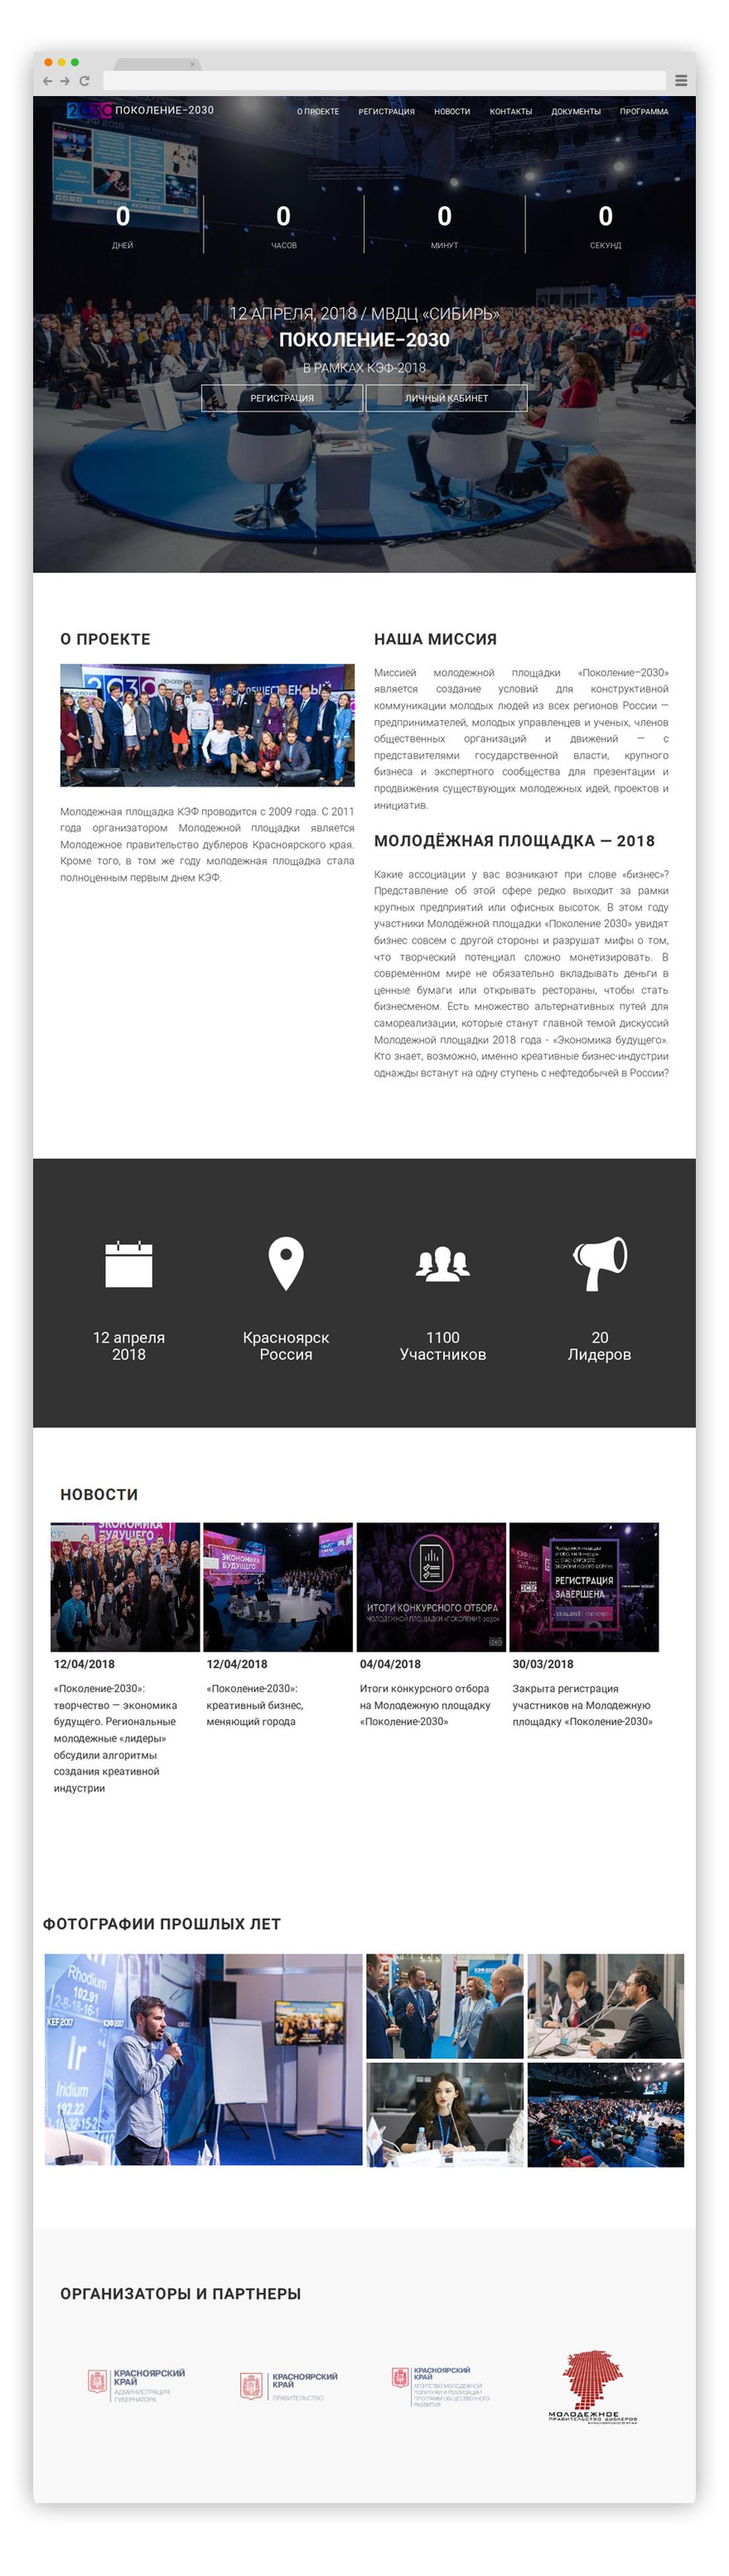 Поколение-2030 — Сайт Красноярского Экономического Форума